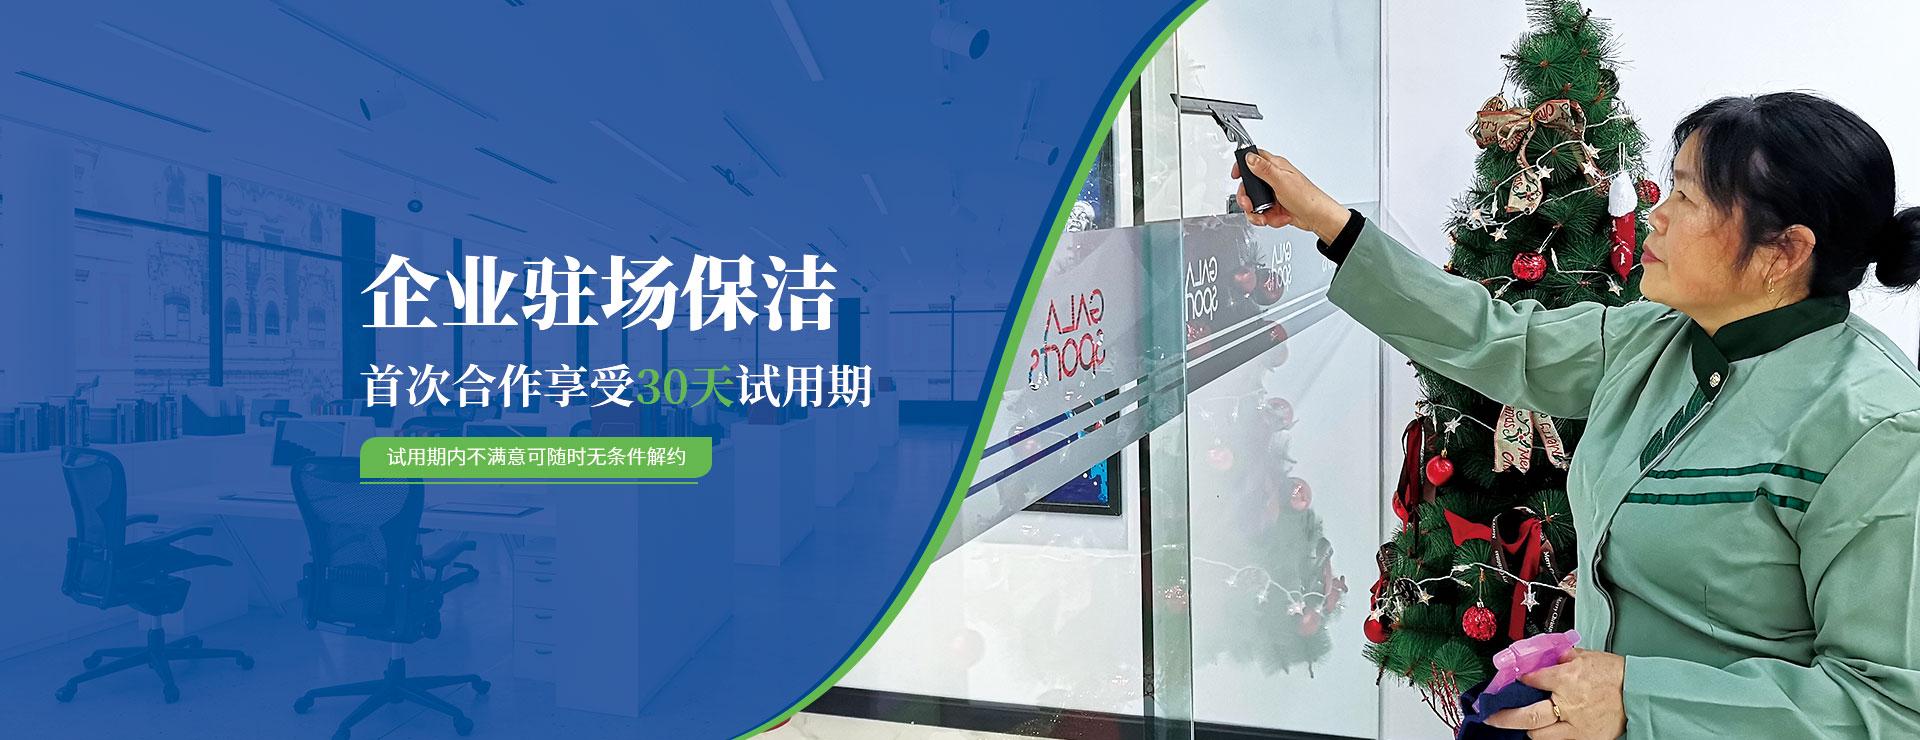 企业驻场保洁 首次合作享受30天试用期